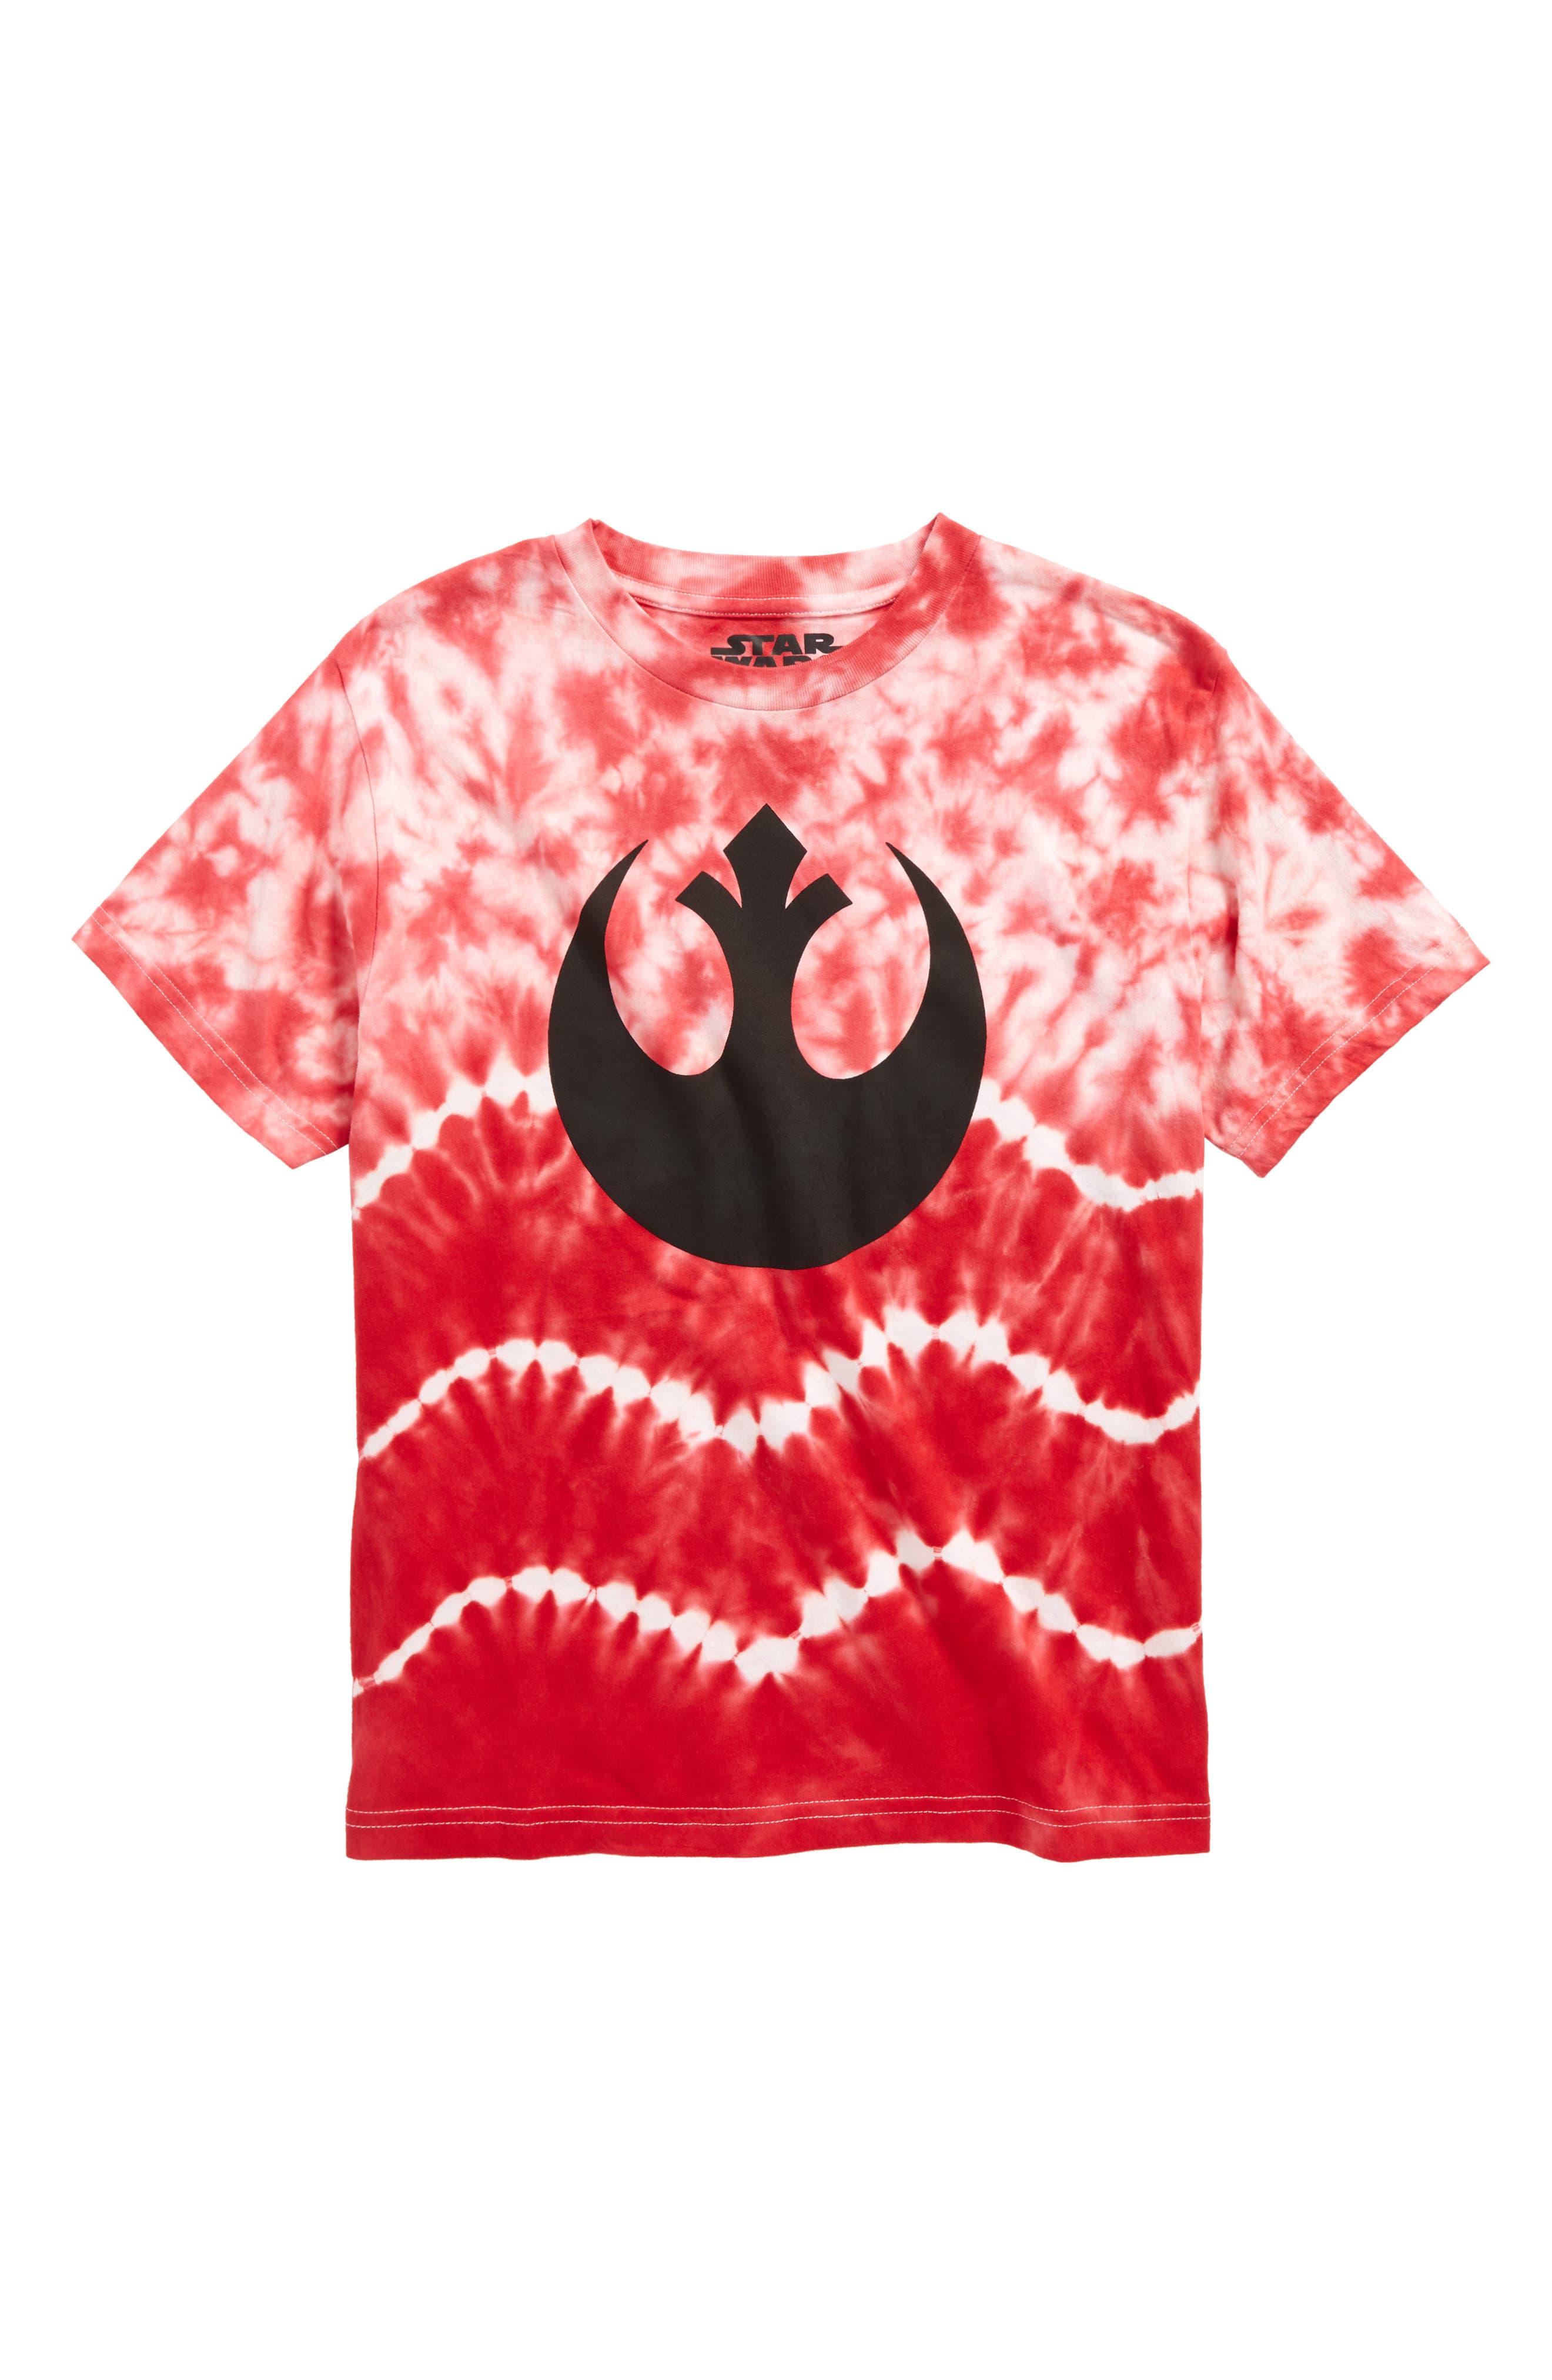 Star Wars<sup>™</sup> Rebel Graphic T-Shirt,                             Main thumbnail 1, color,                             600